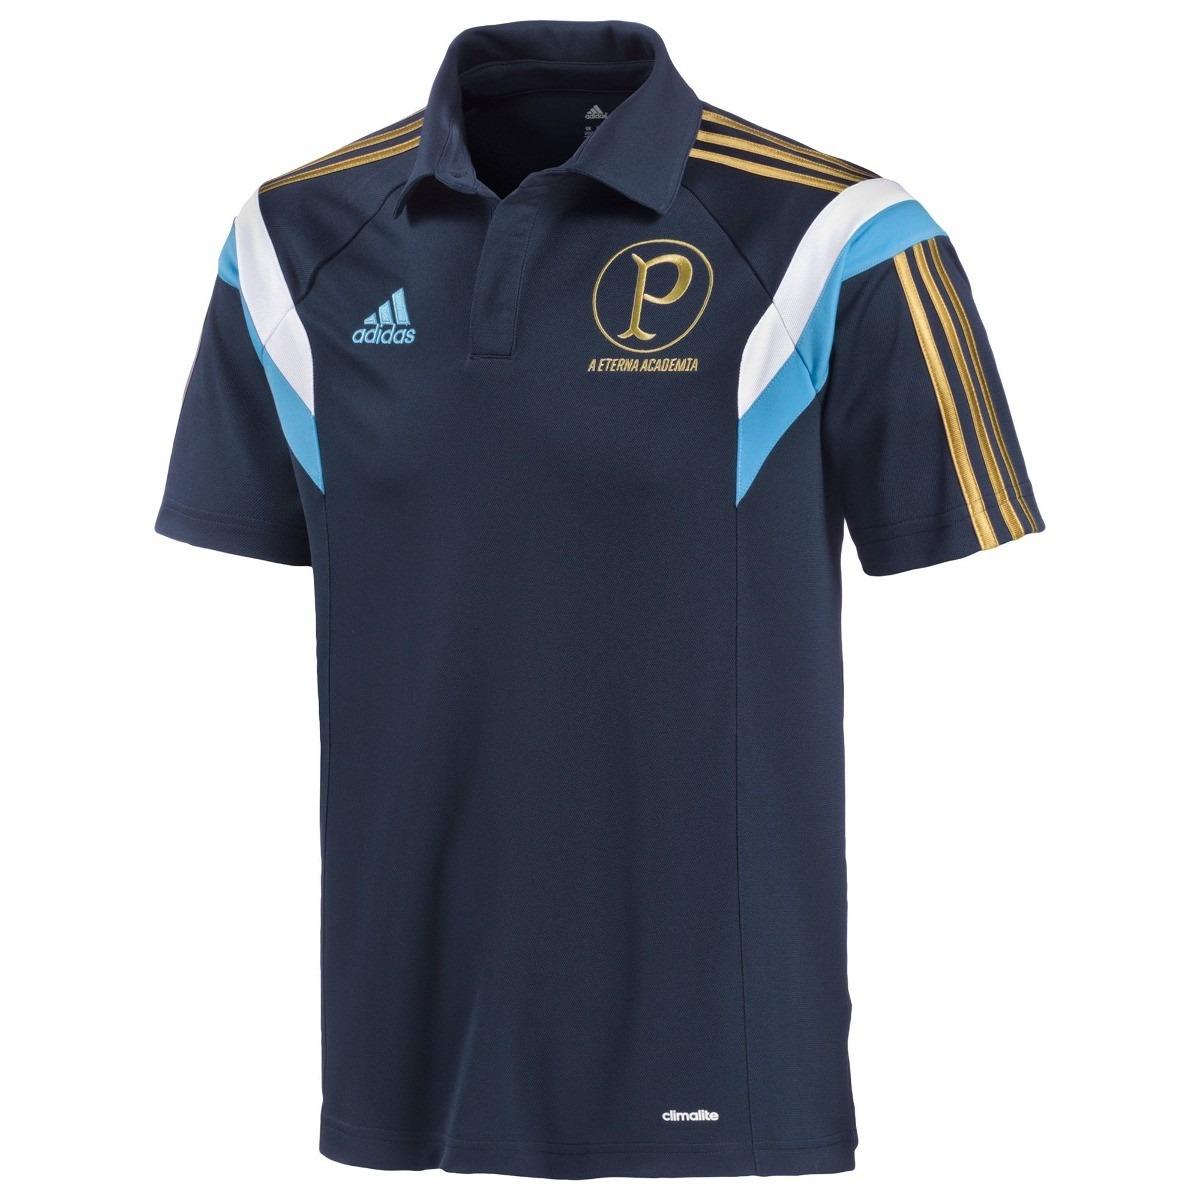 ca25e98c0b9cd camisa palmeiras polo azul marinho treino academia f gratis. Carregando zoom .